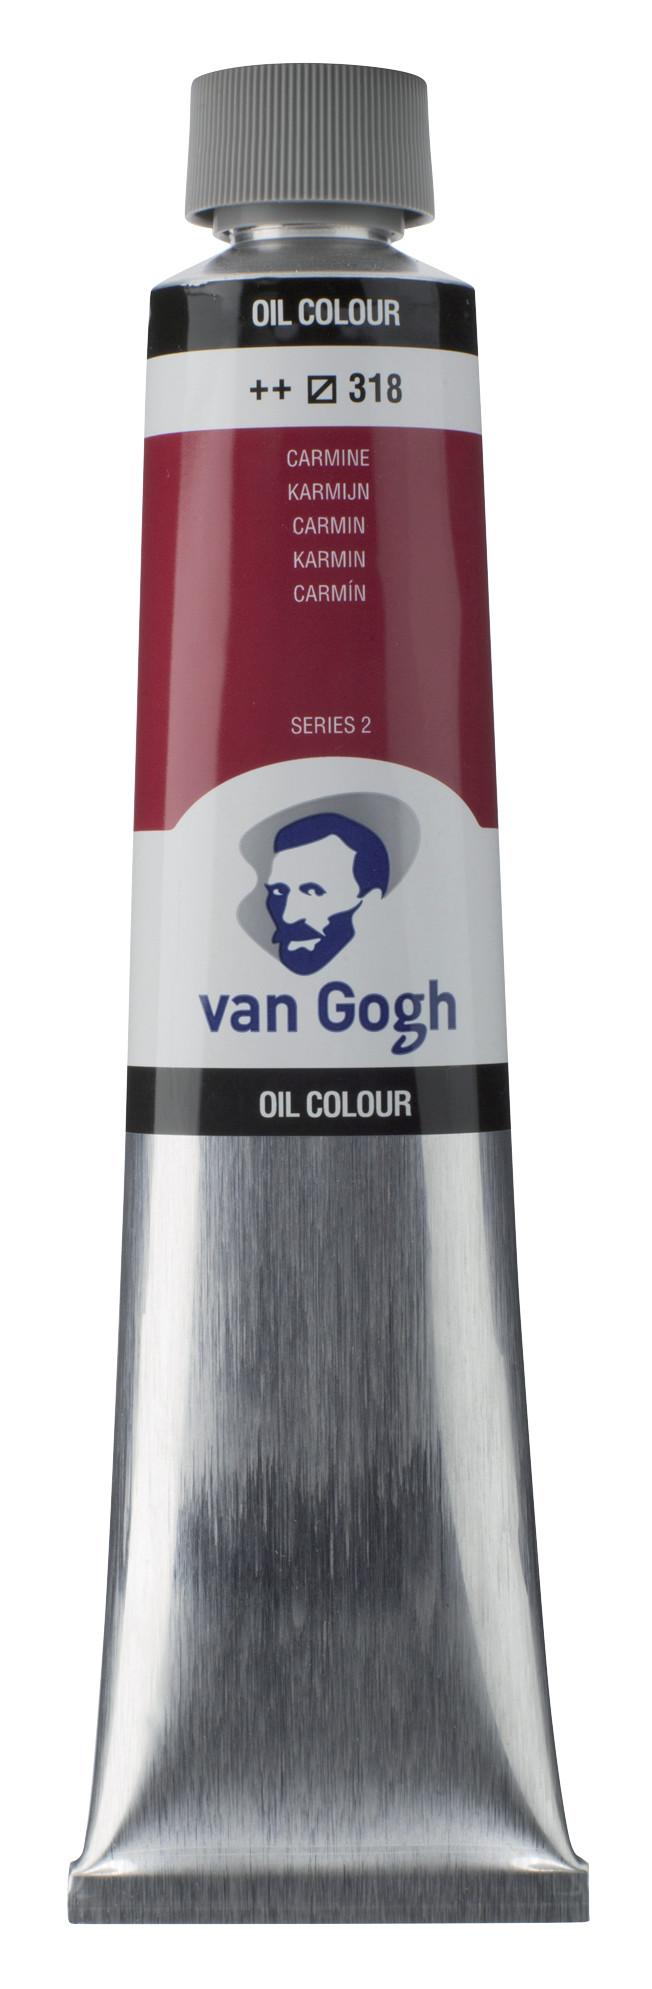 Van Gogh Oil Colour Tube 200 ml Carmine 318